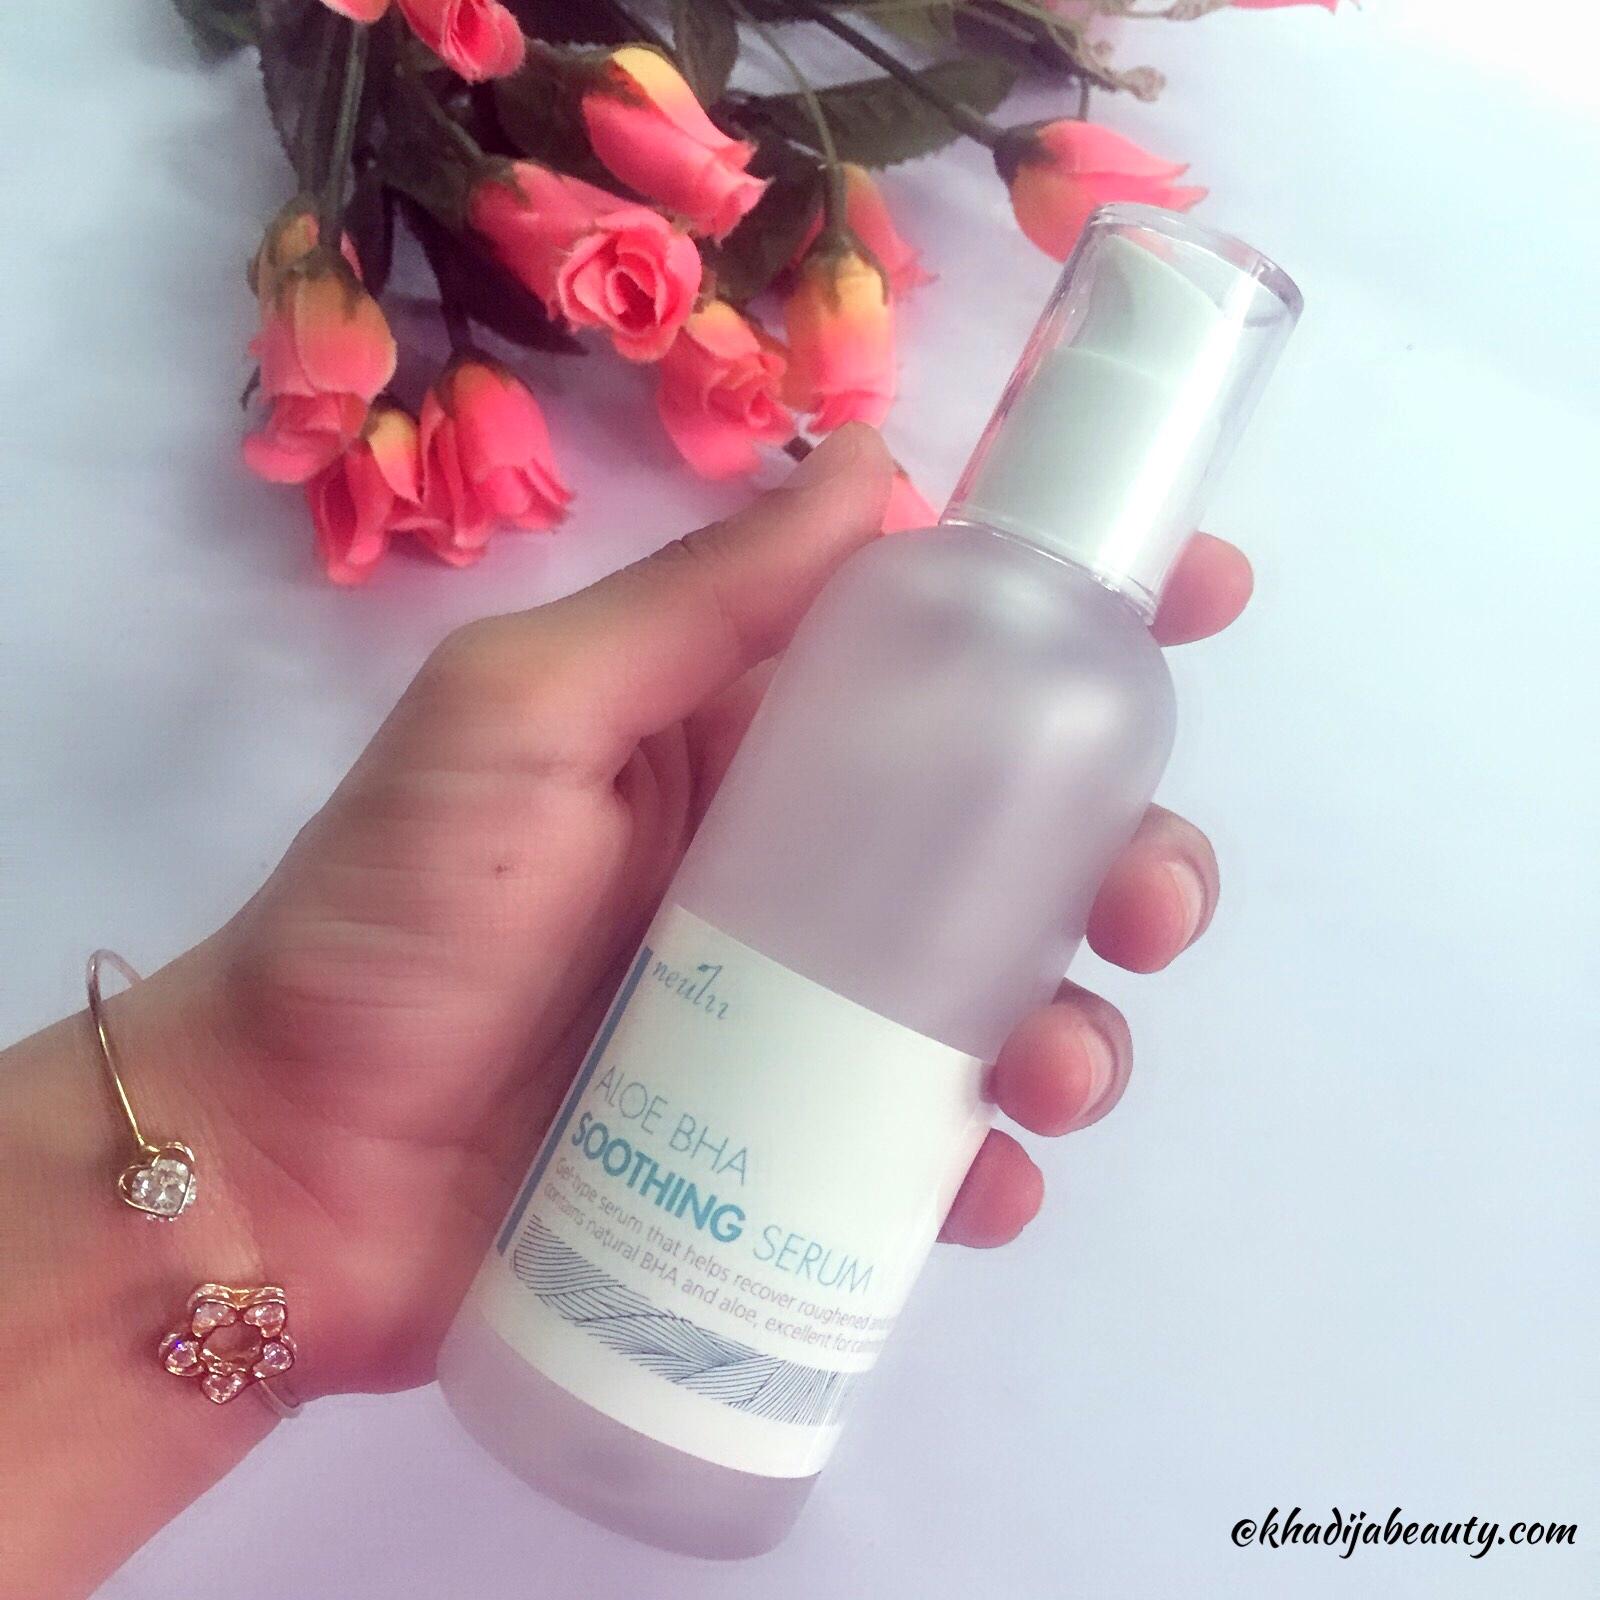 Neulii Aloe BHA serum review, khadija beauty, best serum